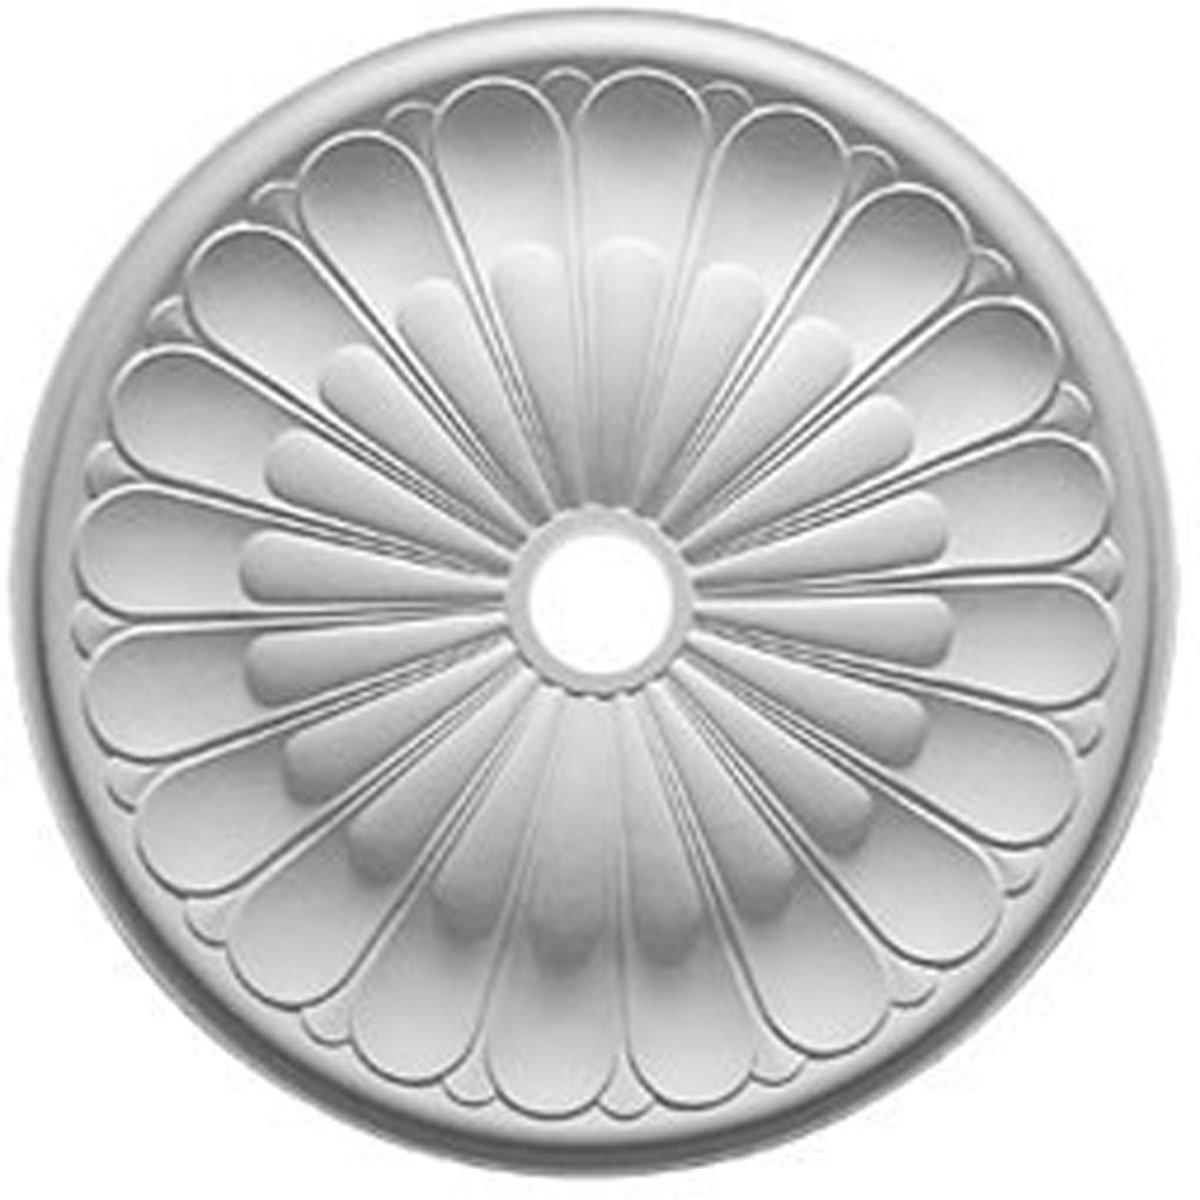 Ekena Millwork CM31GO 31 5/8-Inch OD x 3 5/8-Inch ID x 1 7/8-Inch P Gorleen Ceiling Medallion